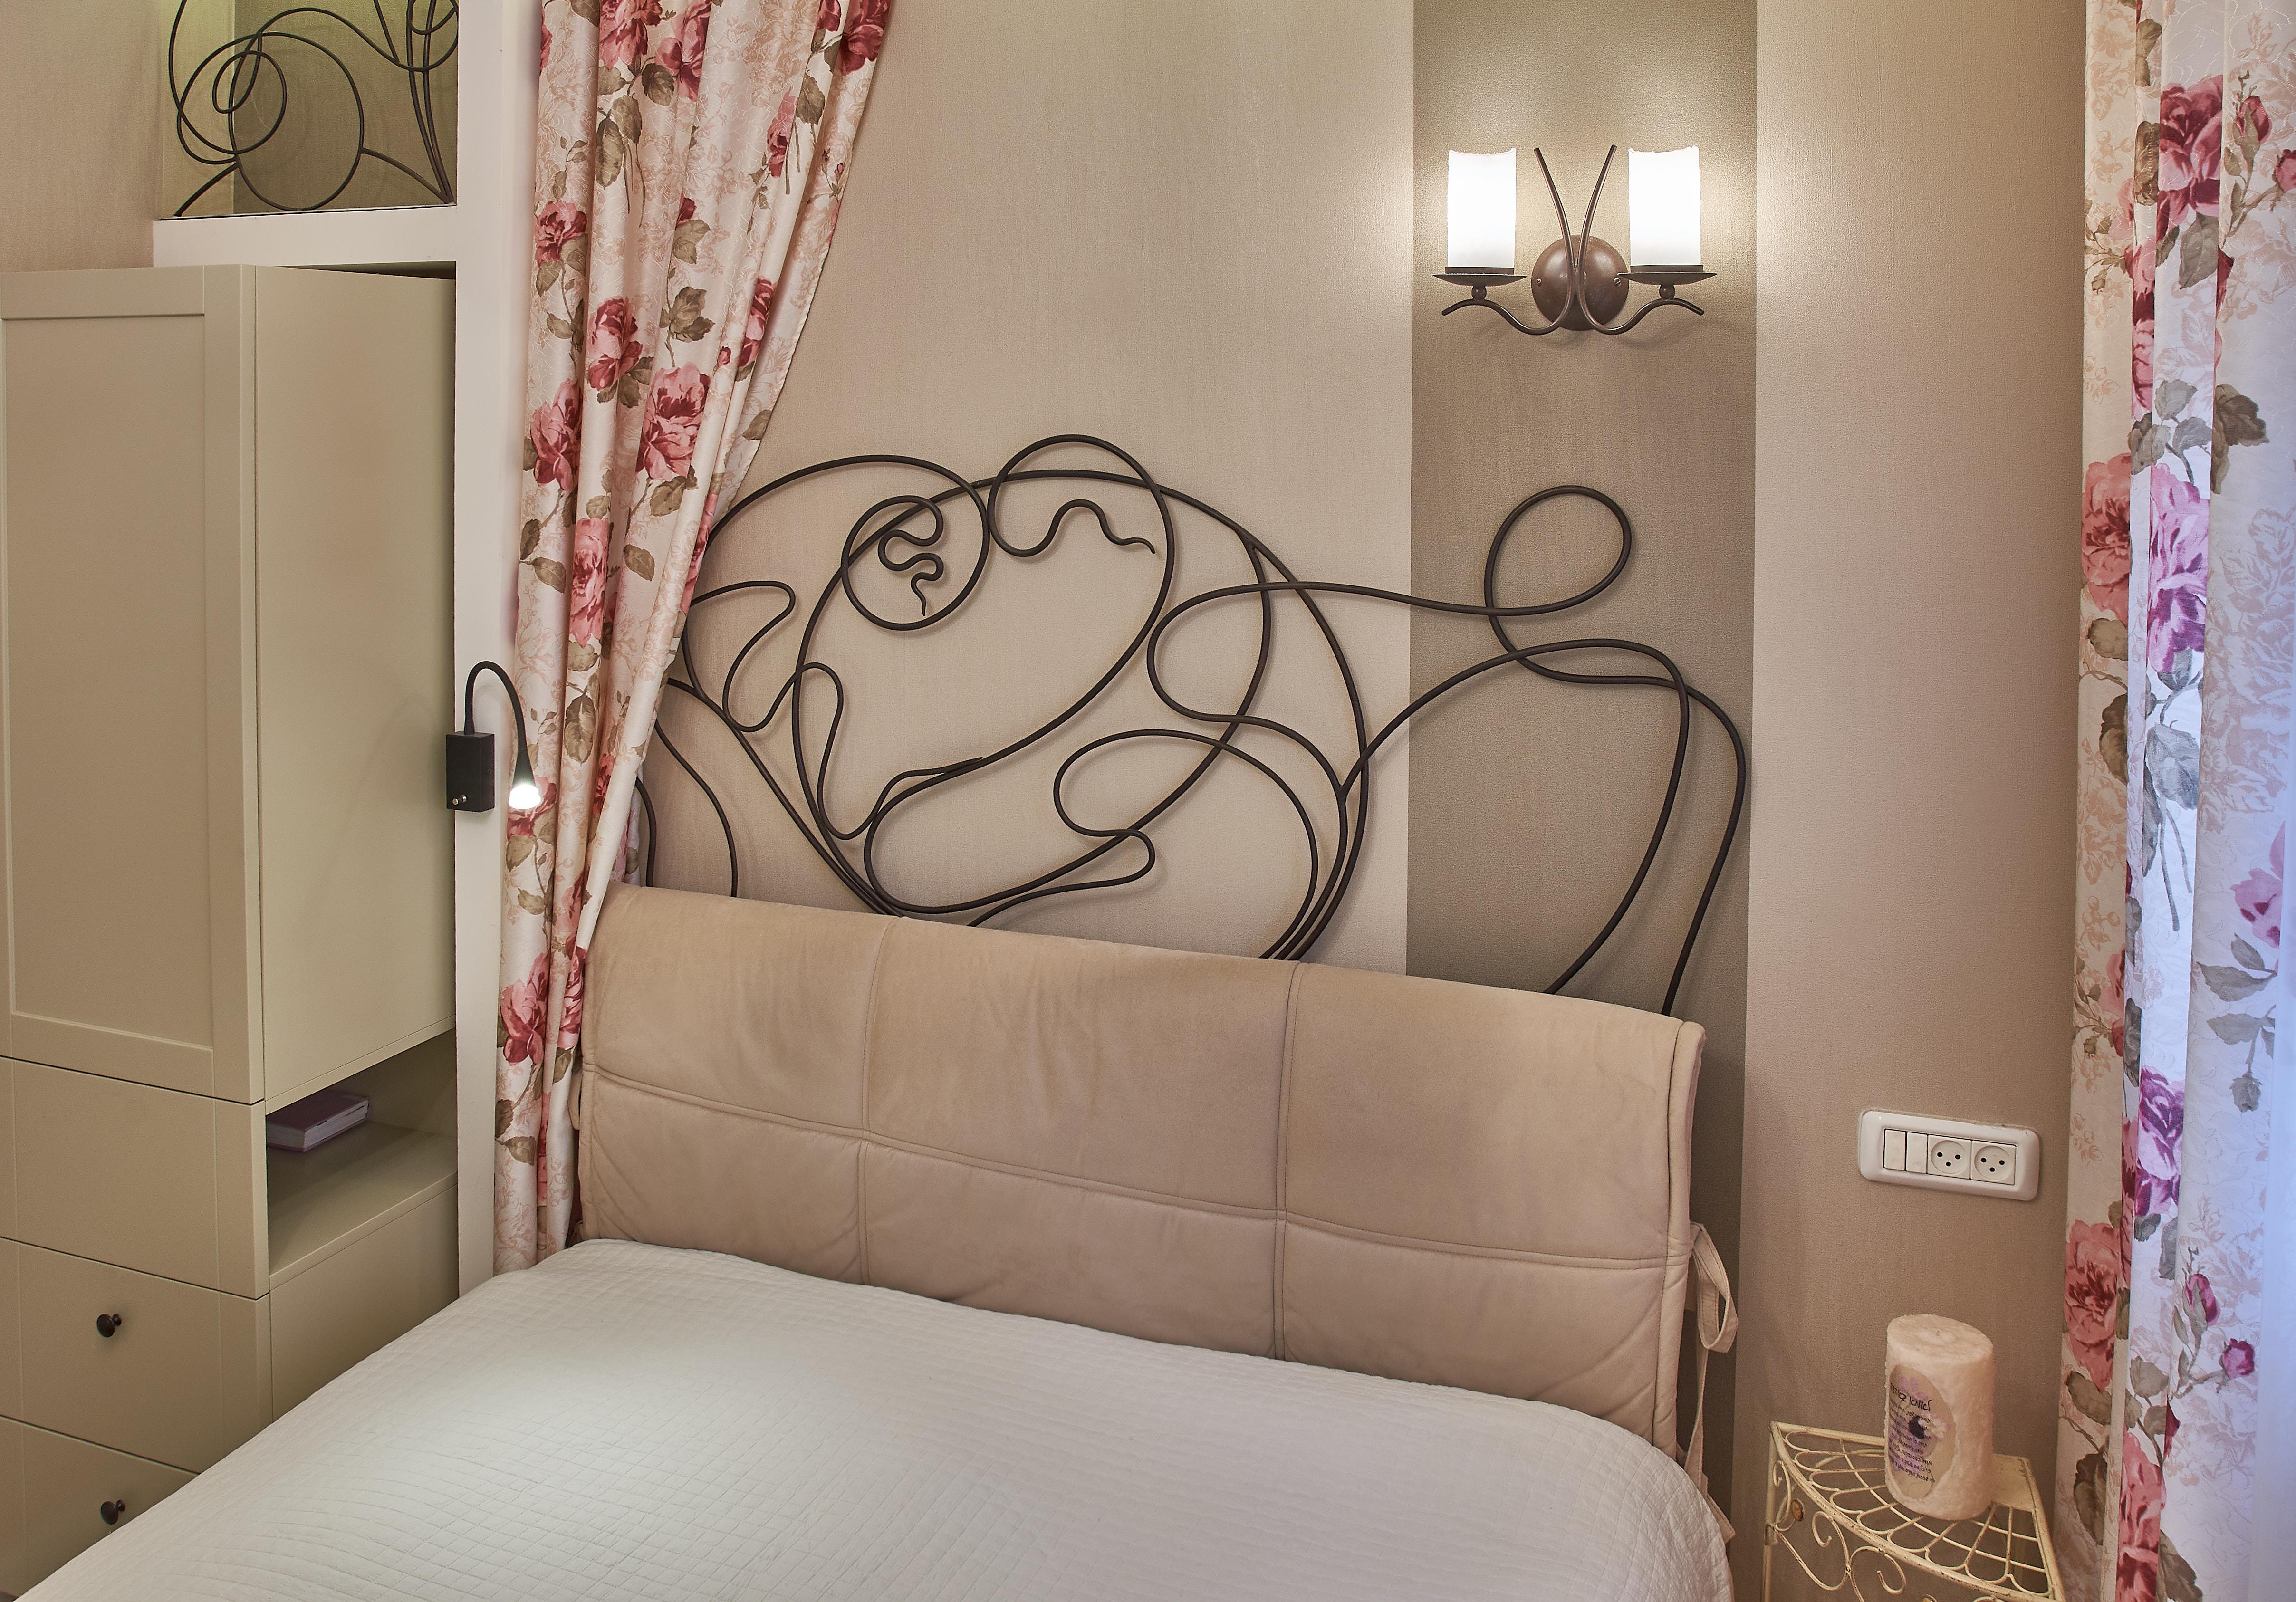 Bedroom atmosphere